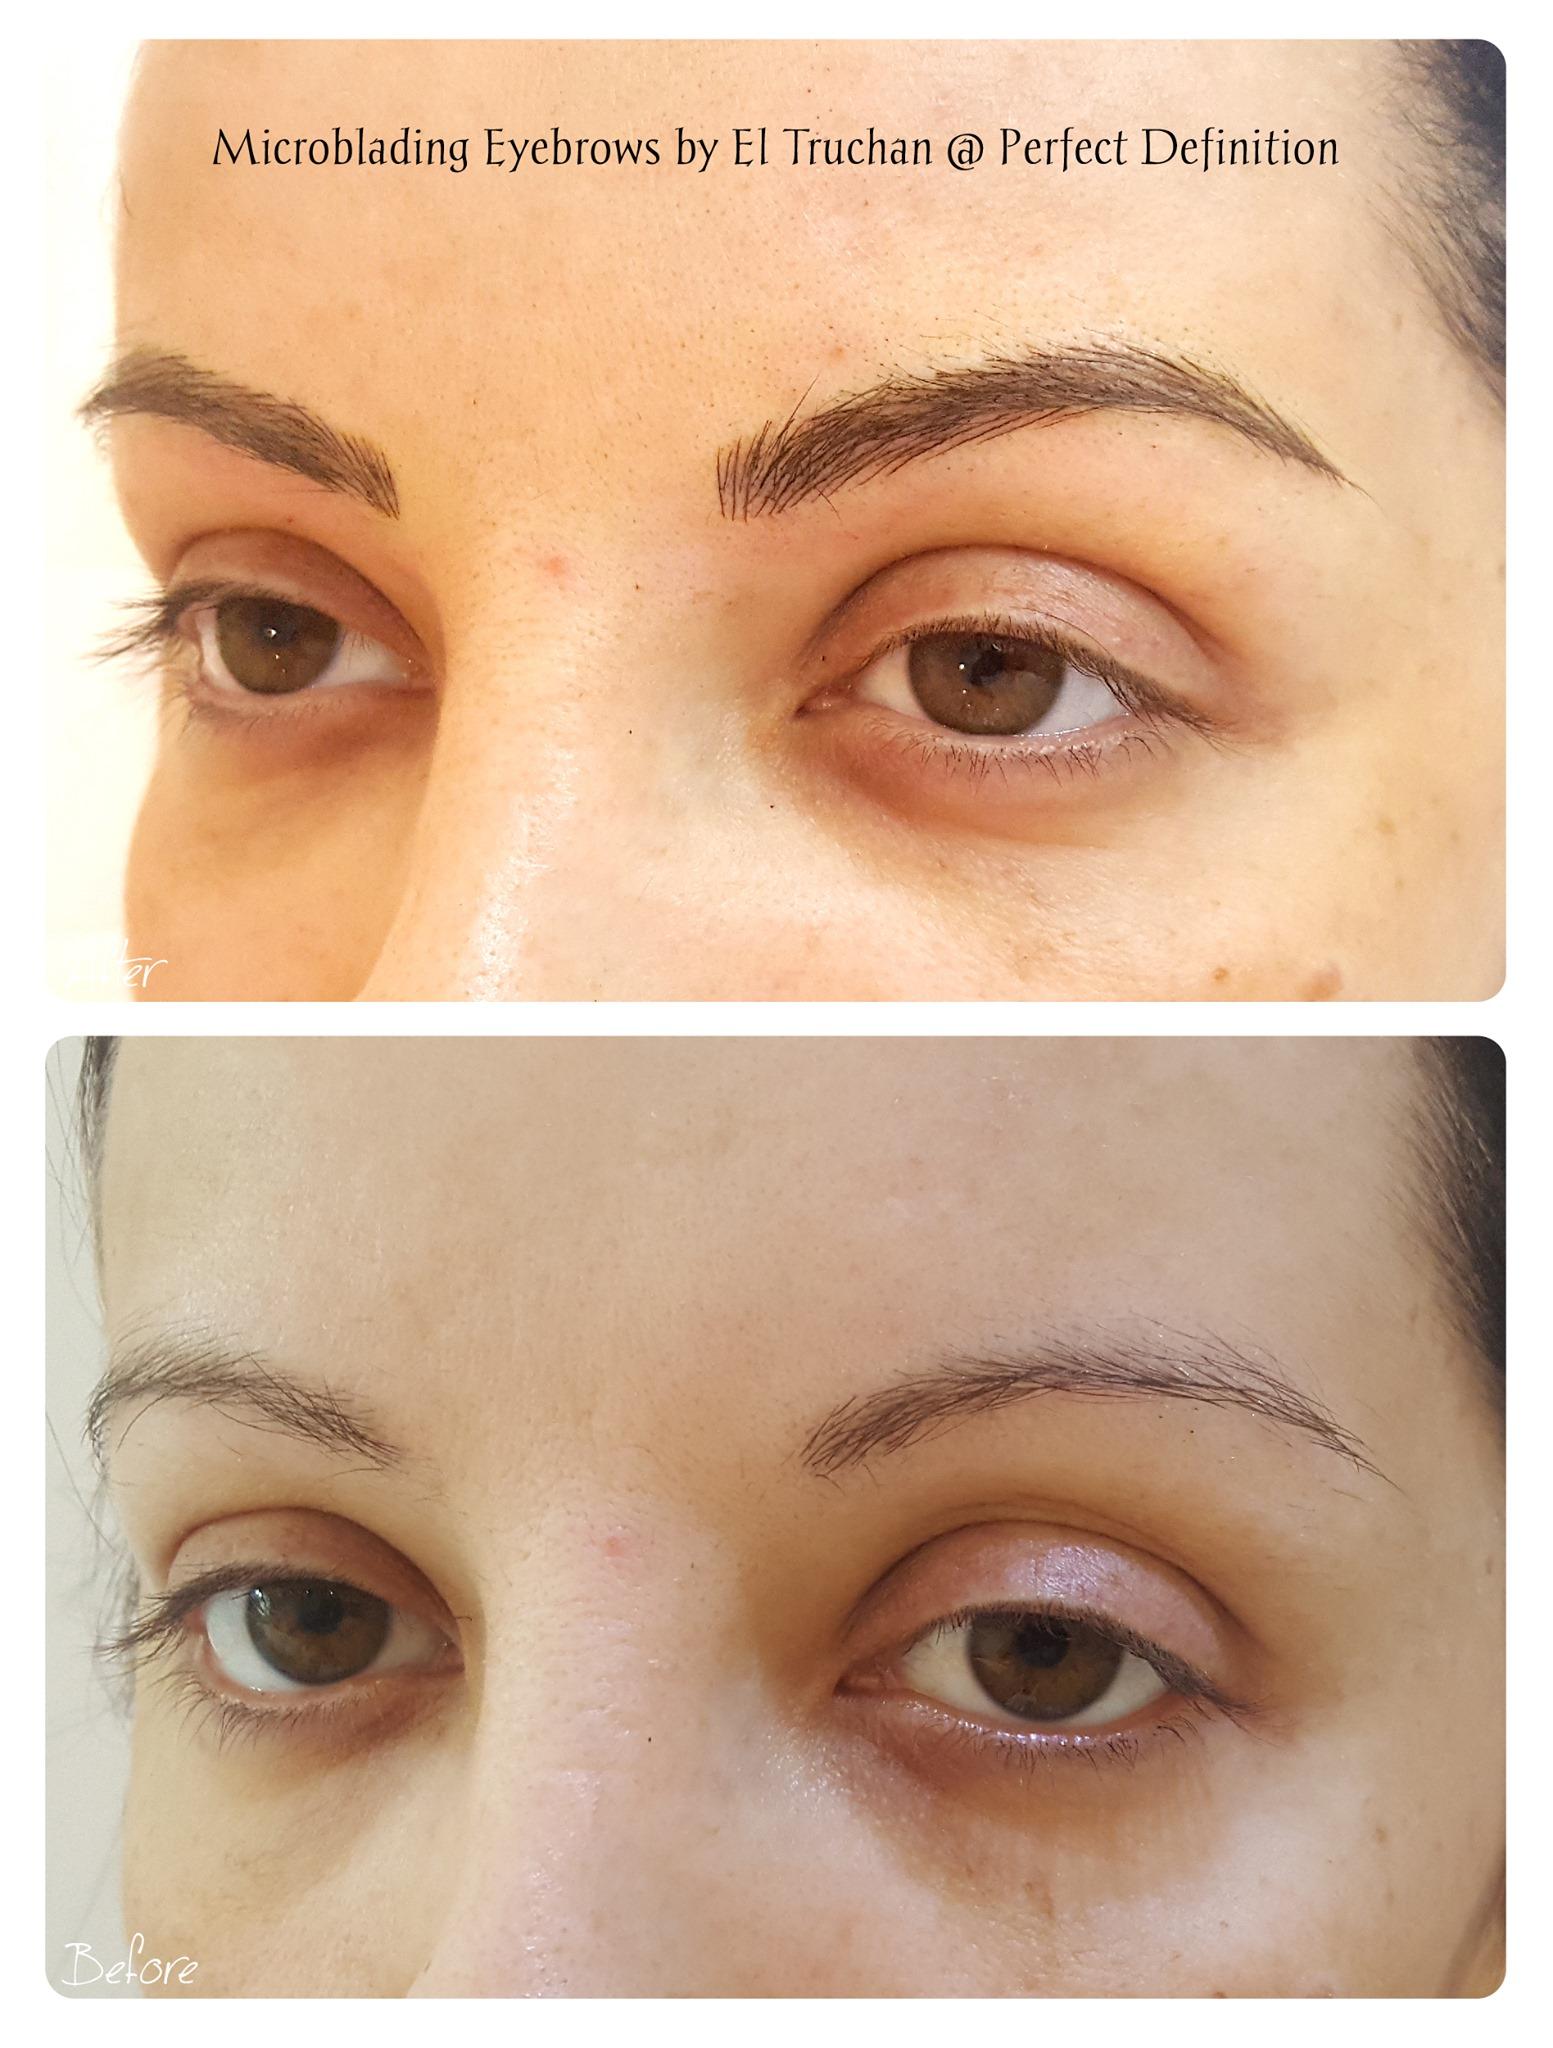 Microblading Eyebrows by El Truchan @ Pe